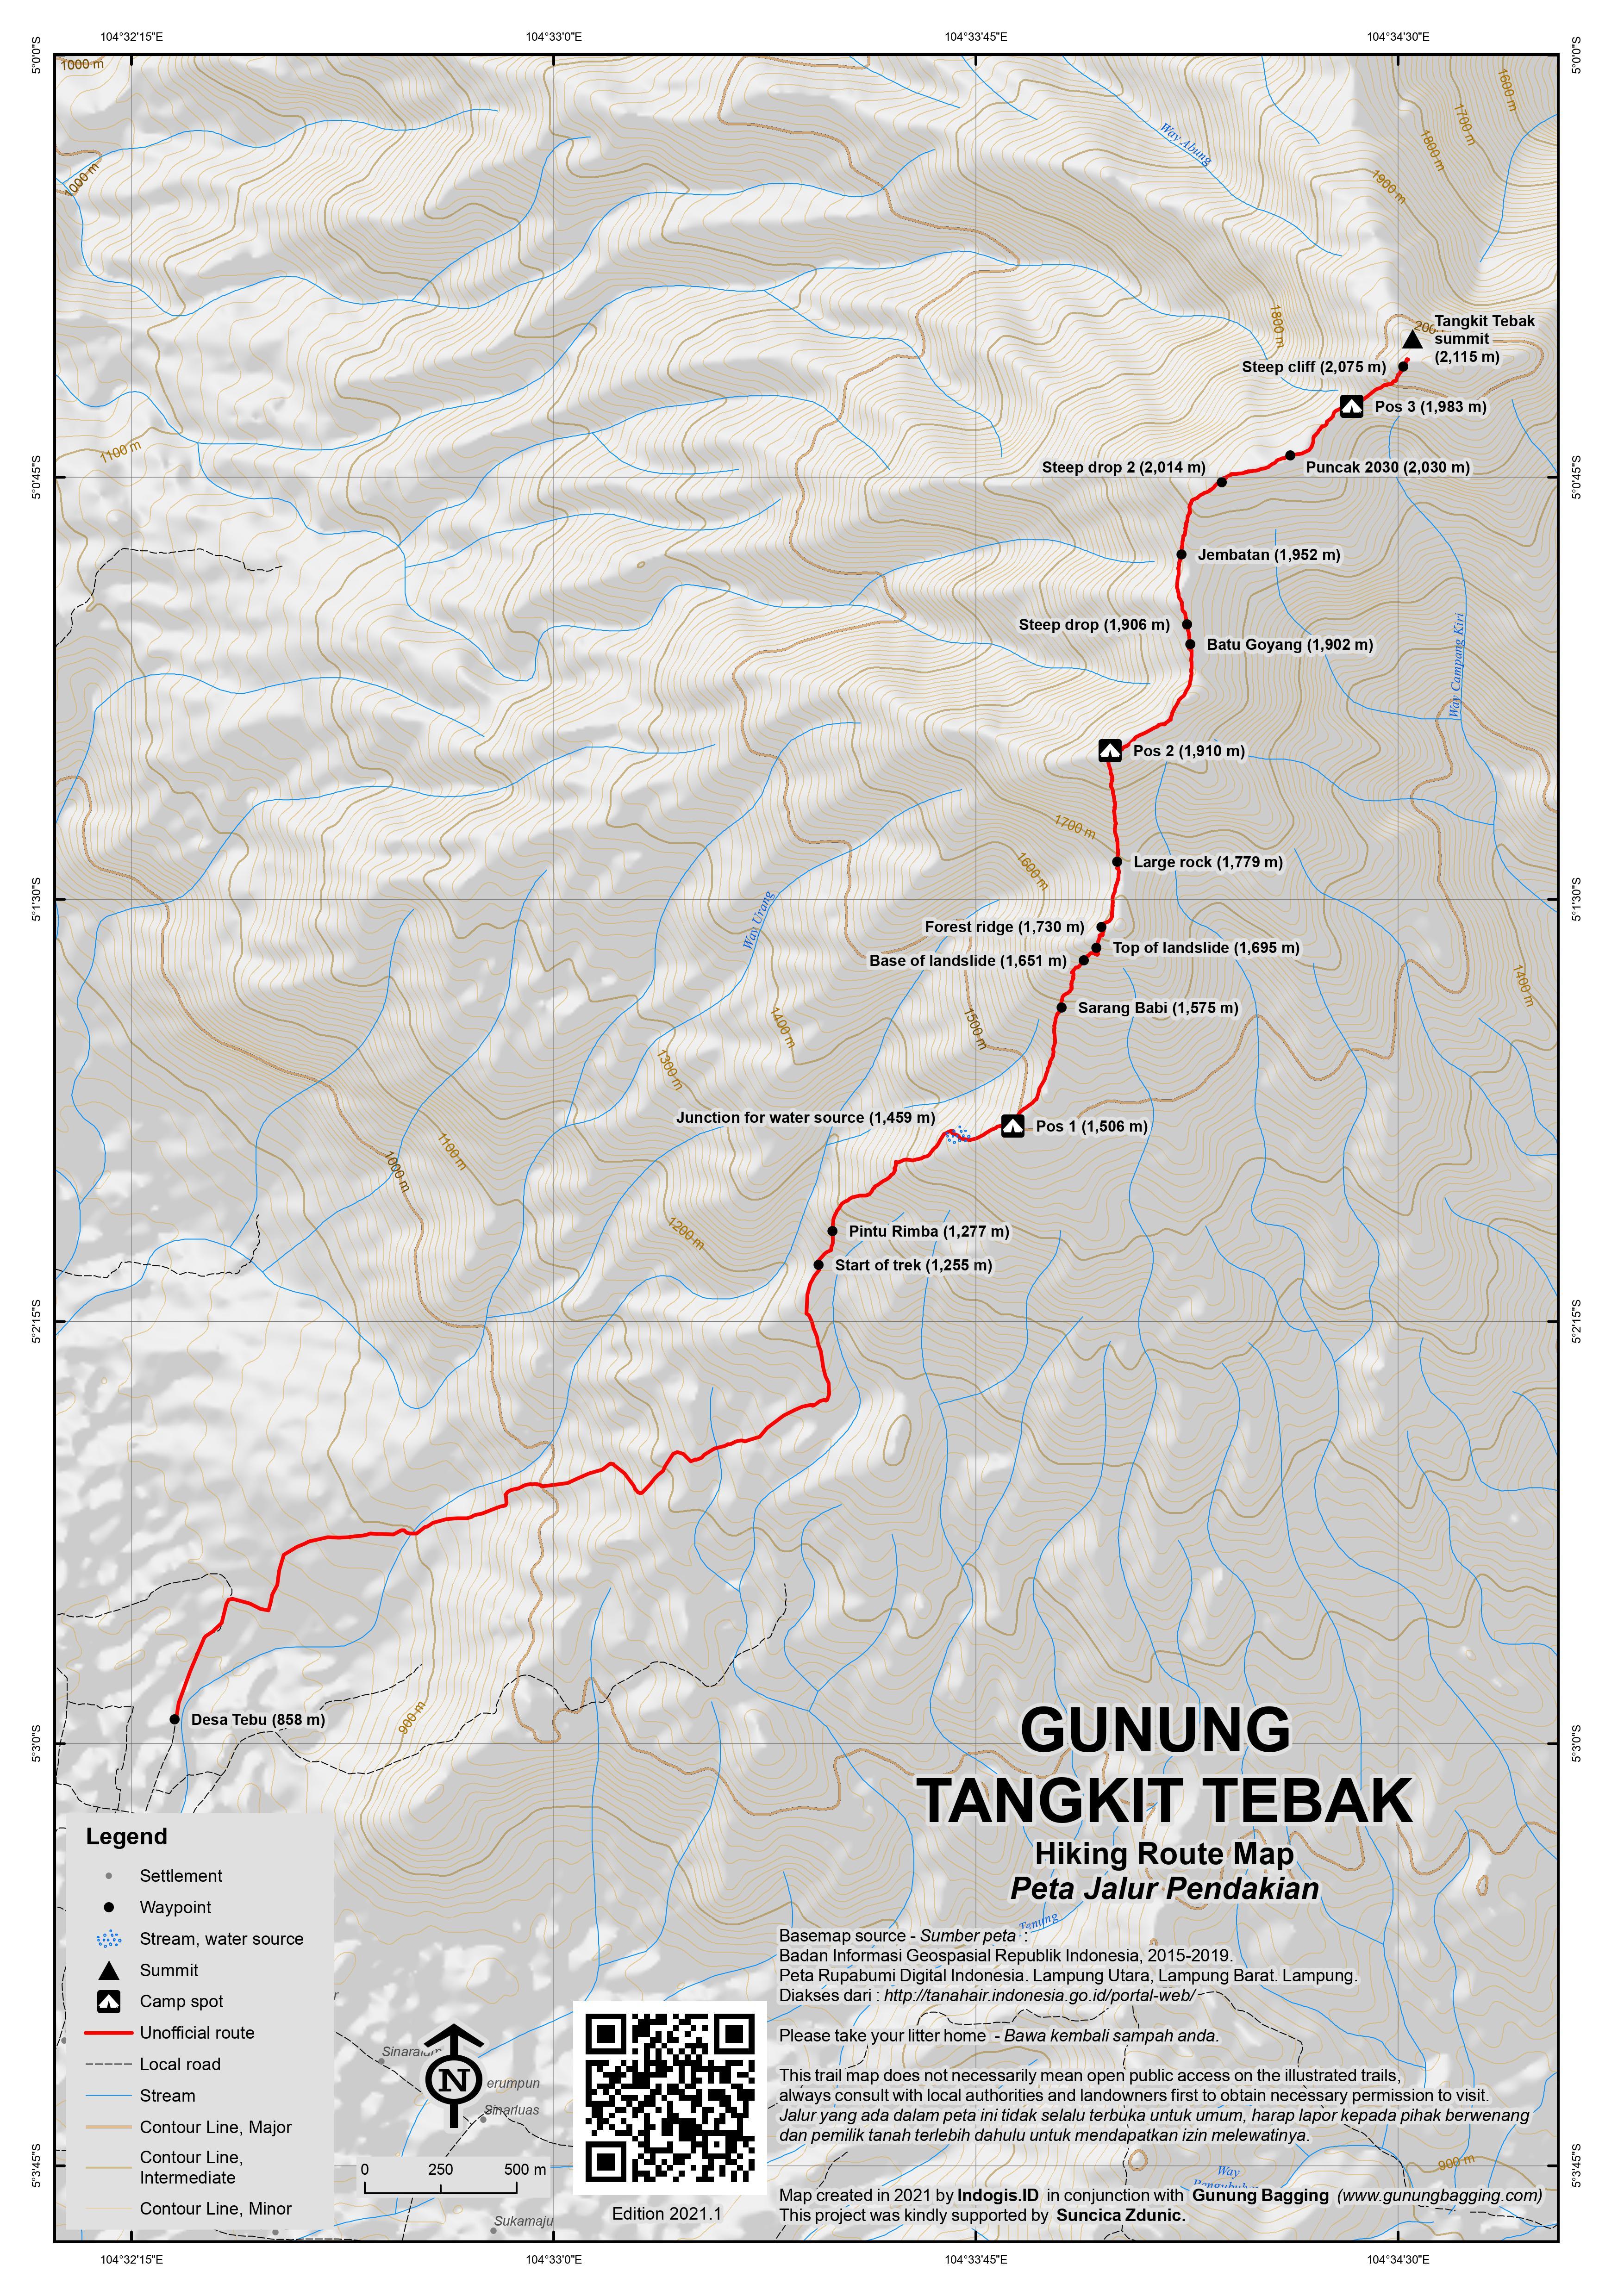 Peta Jalur Pendakian Gunung Tangkit Tebak